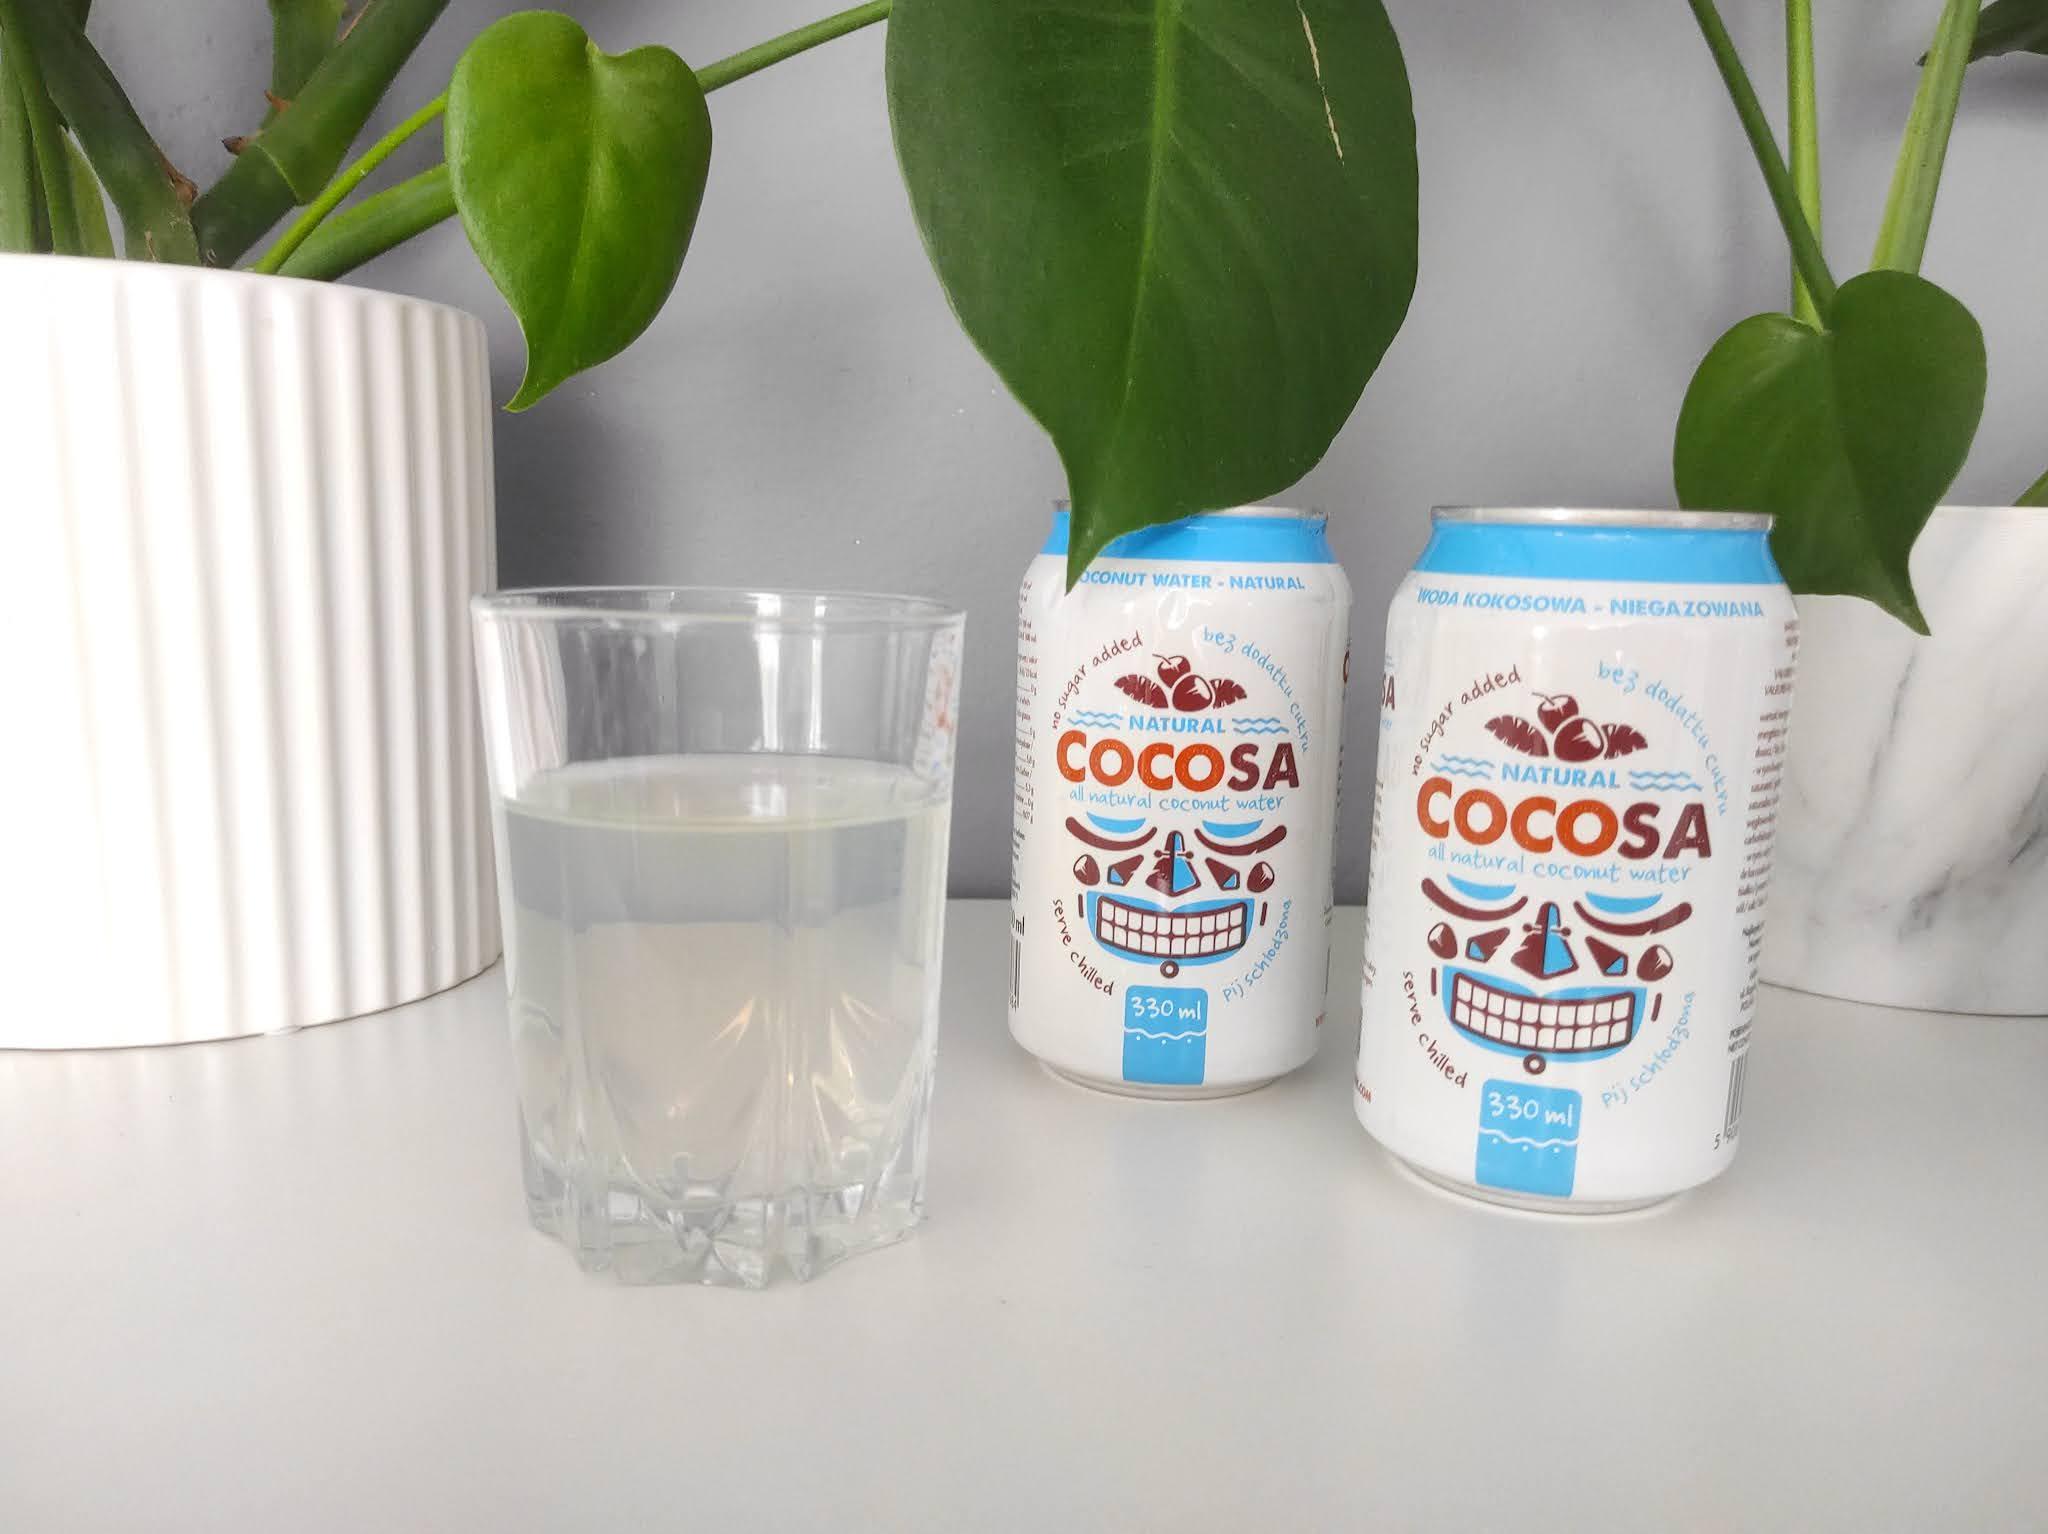 Smak wody kokosowej